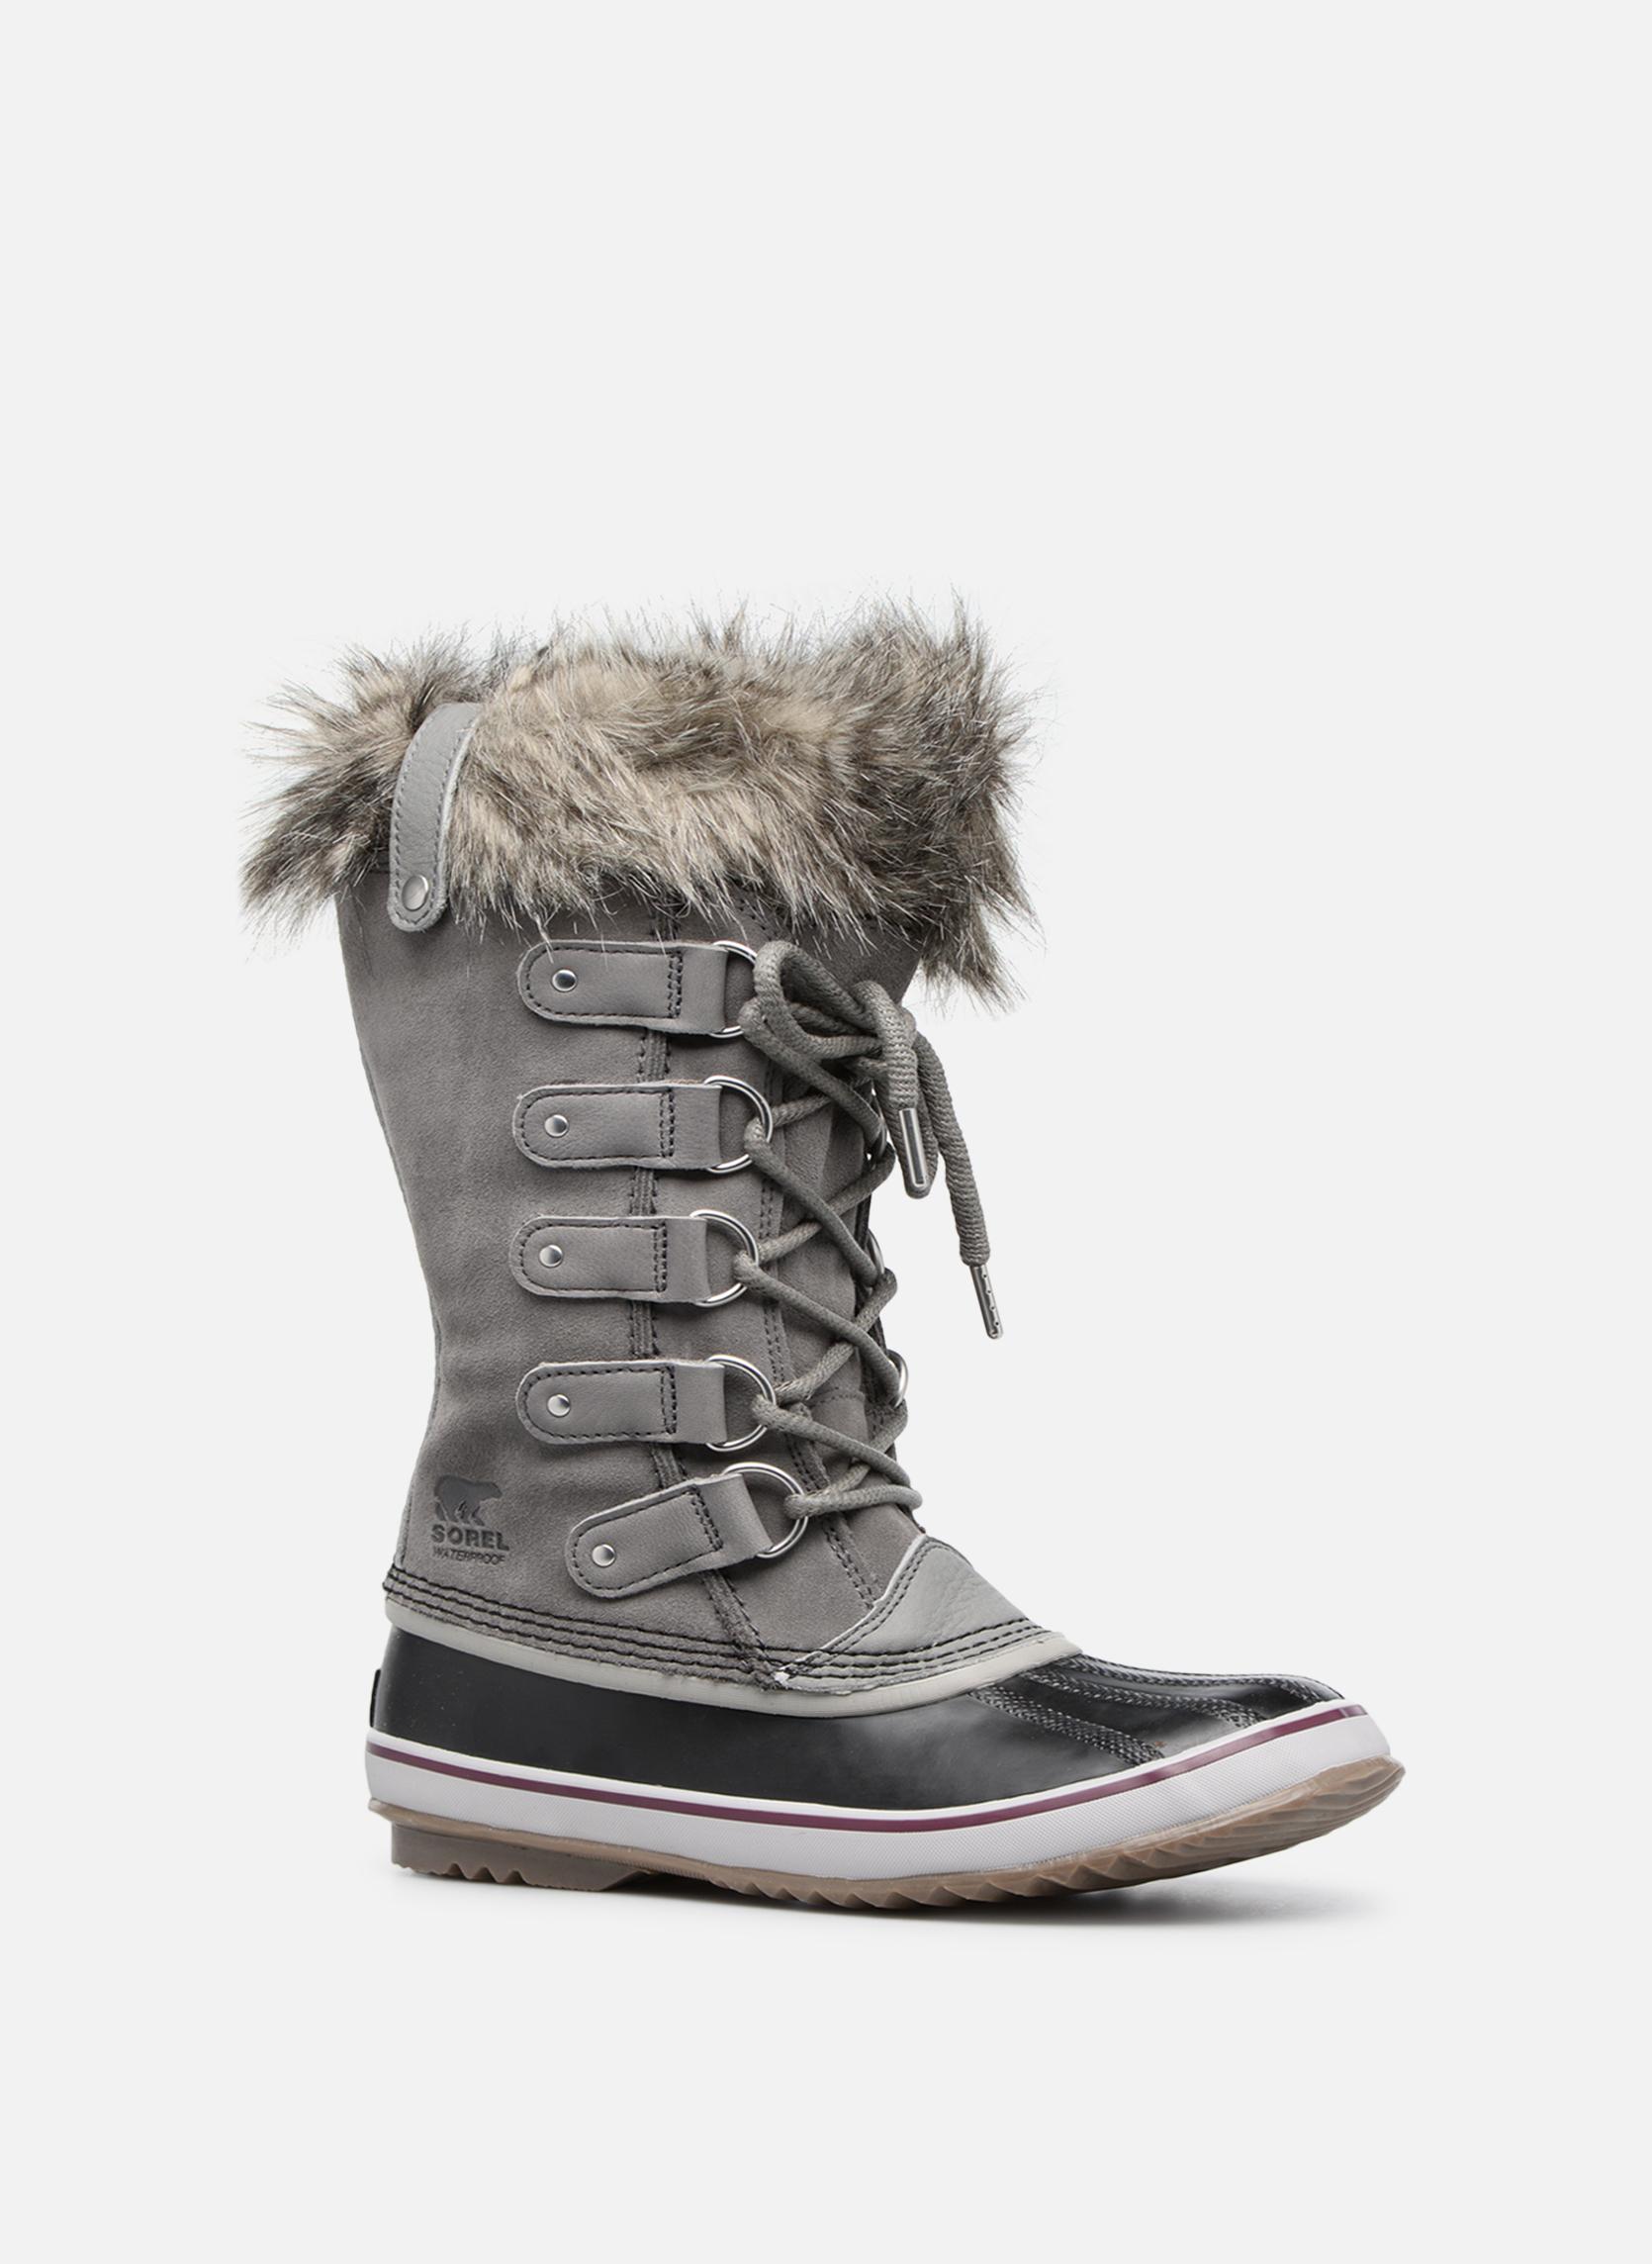 d40c76037ebc3 Grandes descuentos últimos zapatos Vagabond Shoemakers Zoe 4526-101 (Rosa)  - Deportivas Descuento